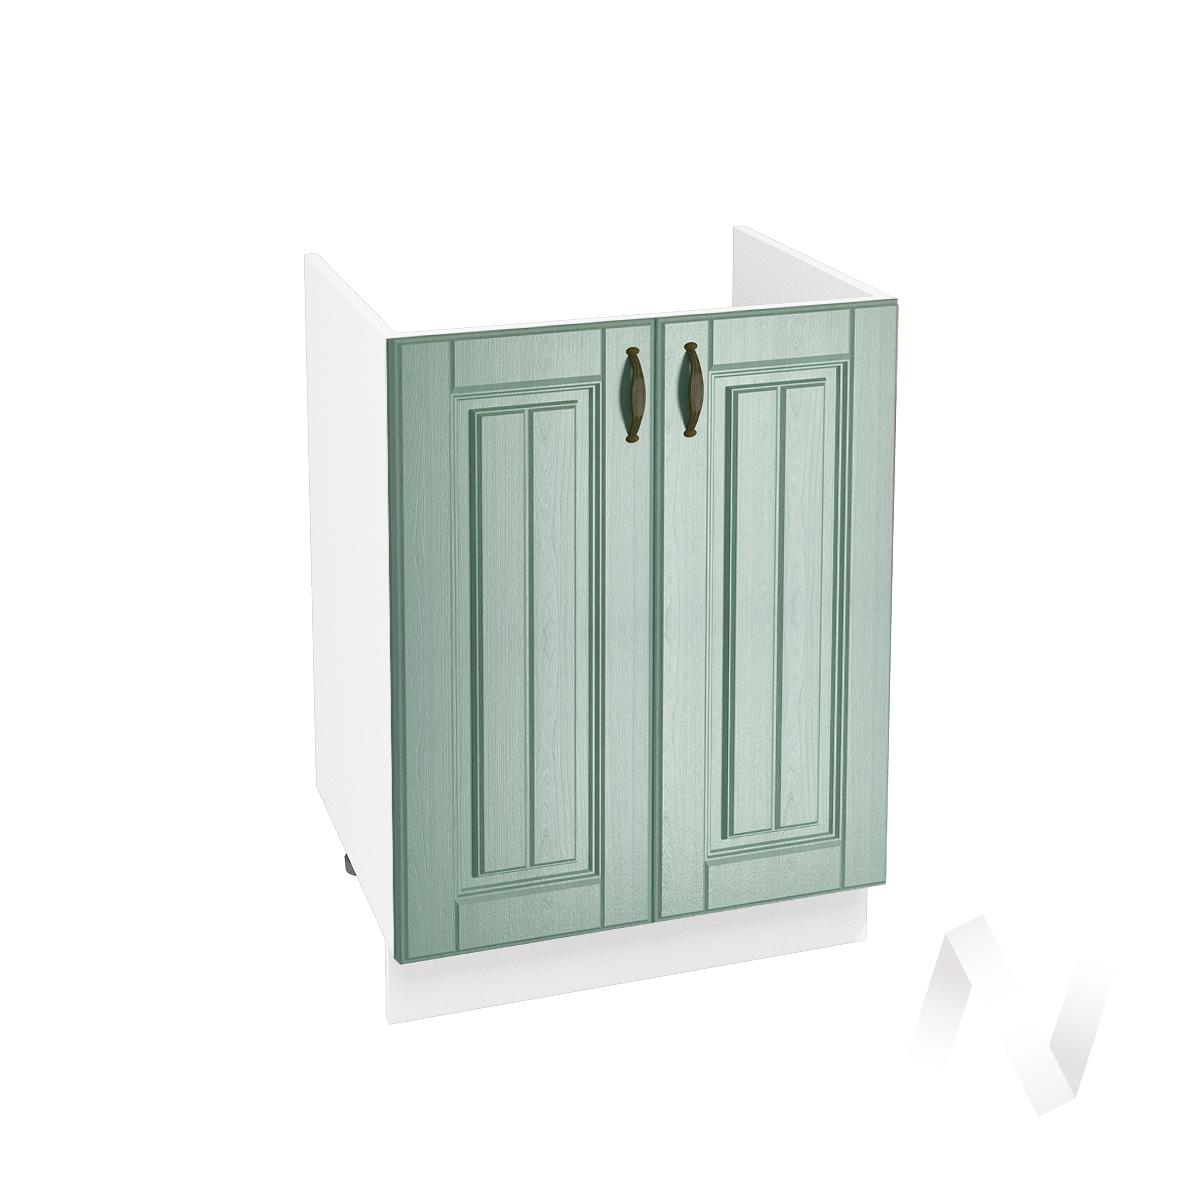 """Кухня """"Прованс"""": Шкаф нижний под мойку 600, ШНМ 600 (корпус белый)"""